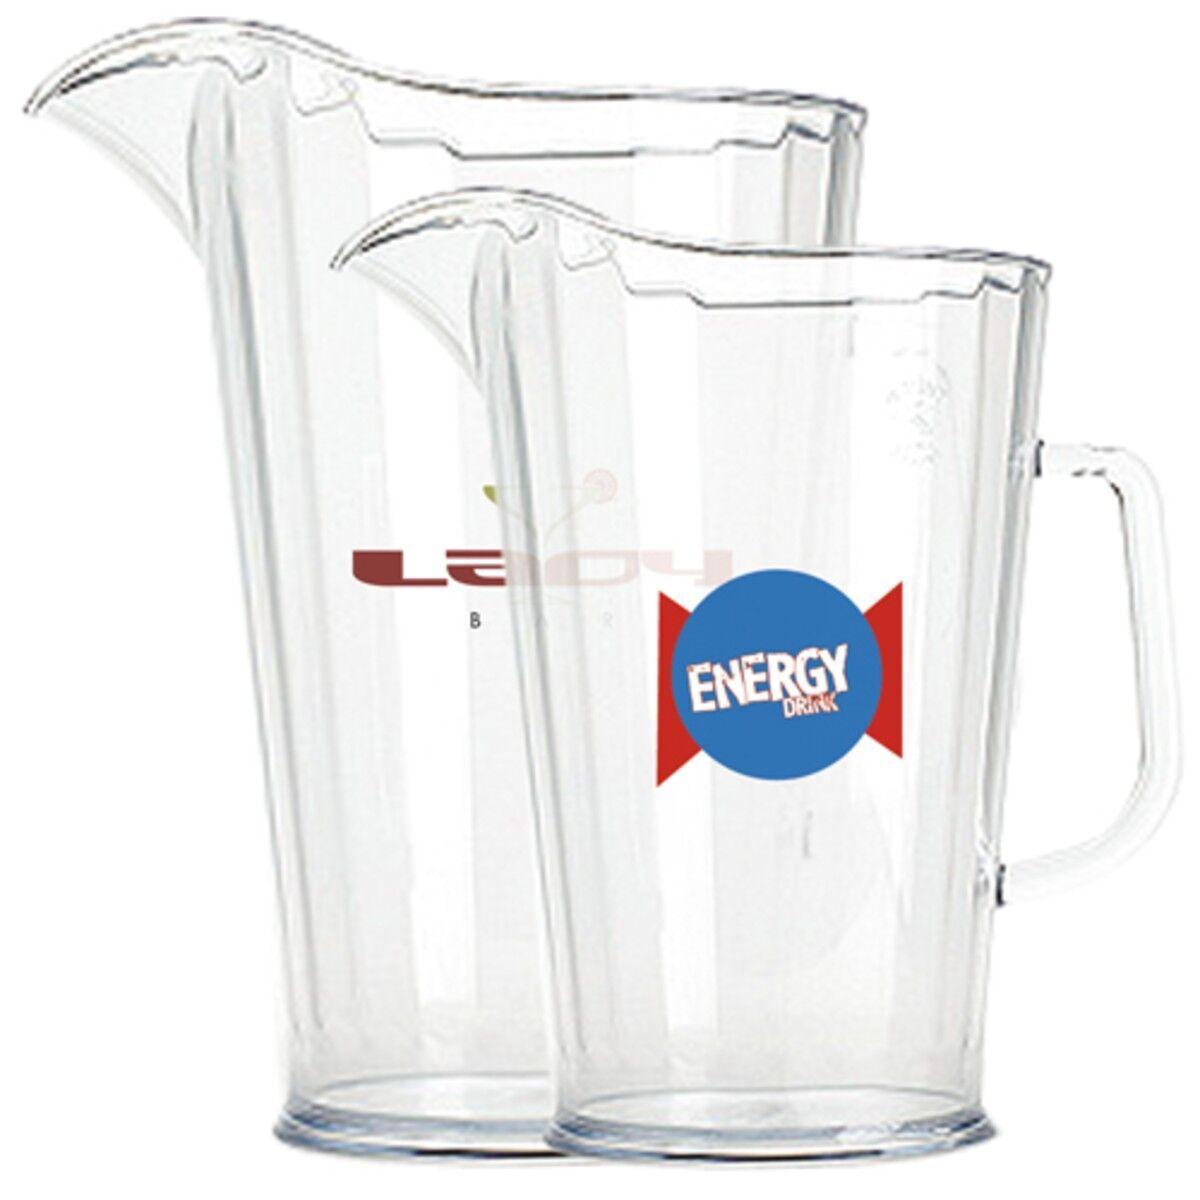 Beer jugs 4 pint & 2 pint